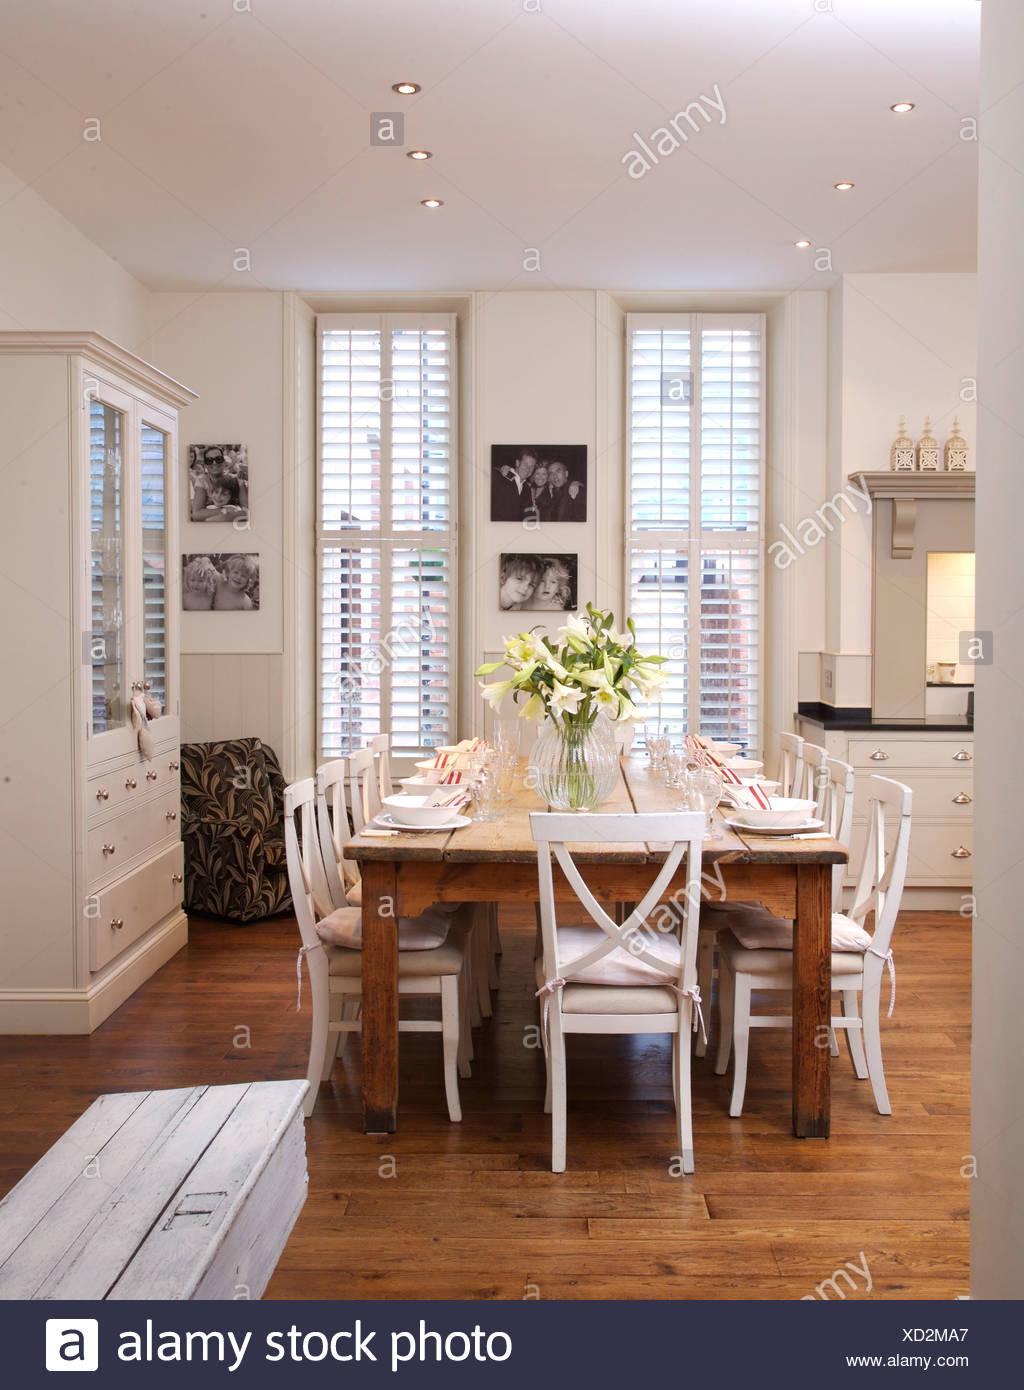 Weisse Stuhle Bei Einfachen Holztisch In Modernen Weissen Kuche Esszimmer Mit Parkettboden Und Weisse Plantage Fensterladen Stockfotografie Alamy